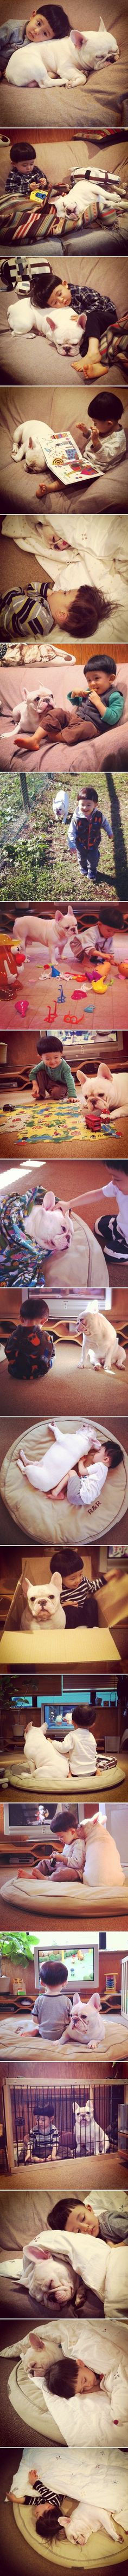 Dečkić i njegov voljeni psić najslađi su par na svijetu